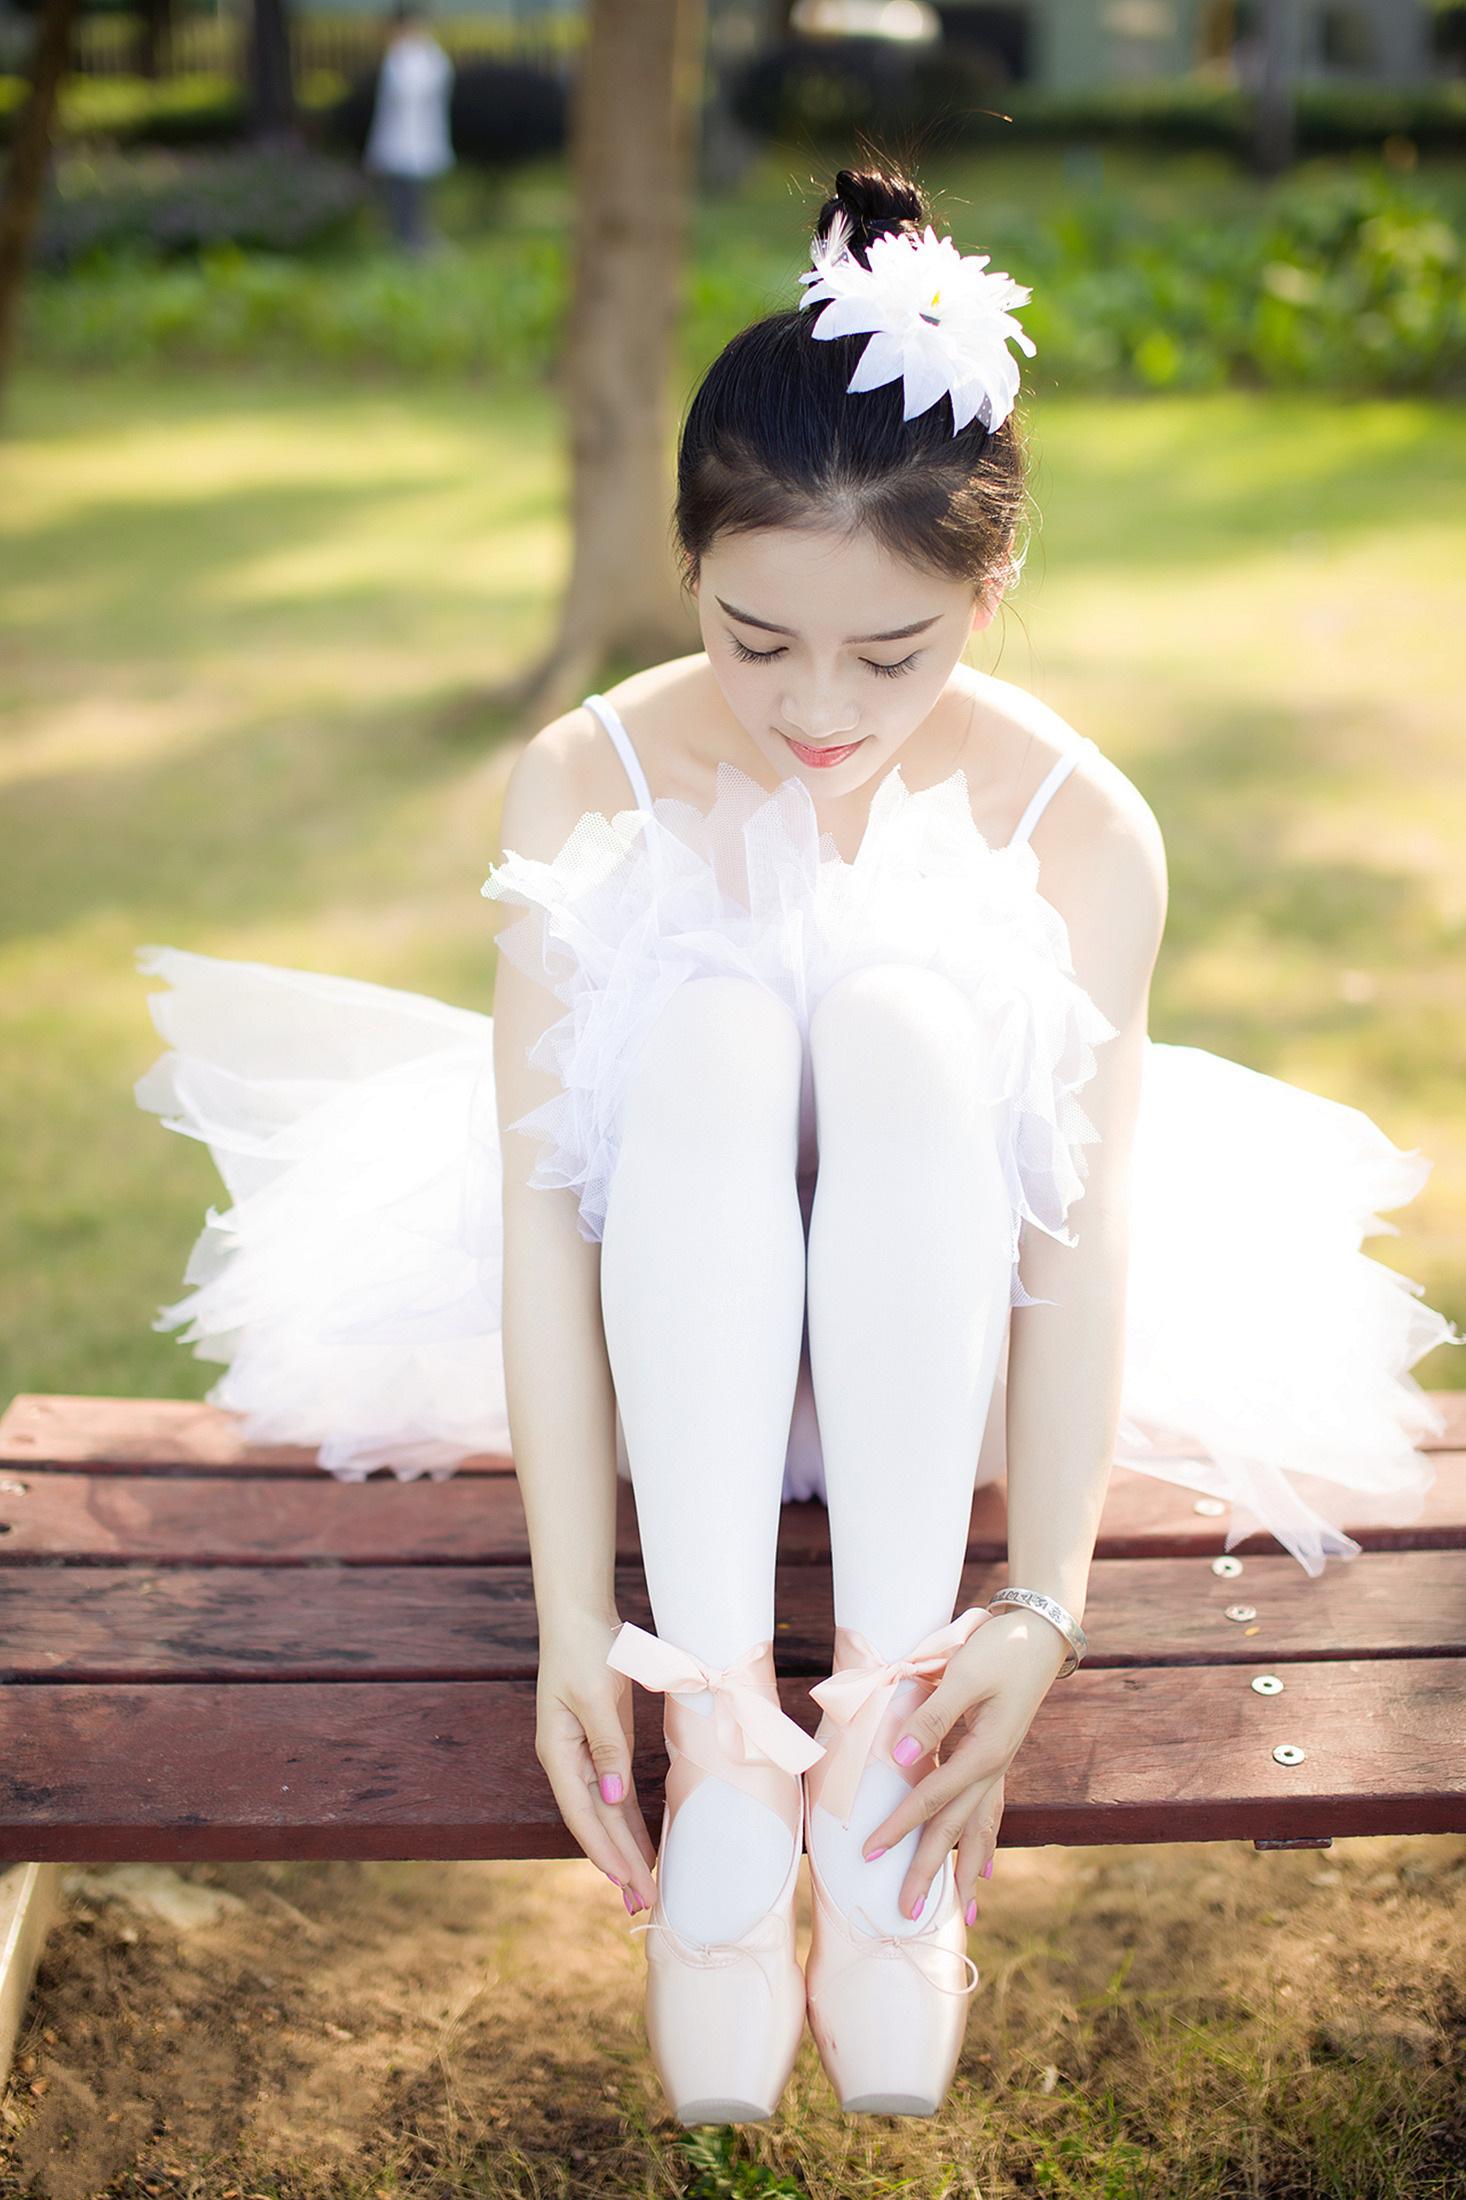 芭蕾梦 - 花開有聲 - 花開有聲